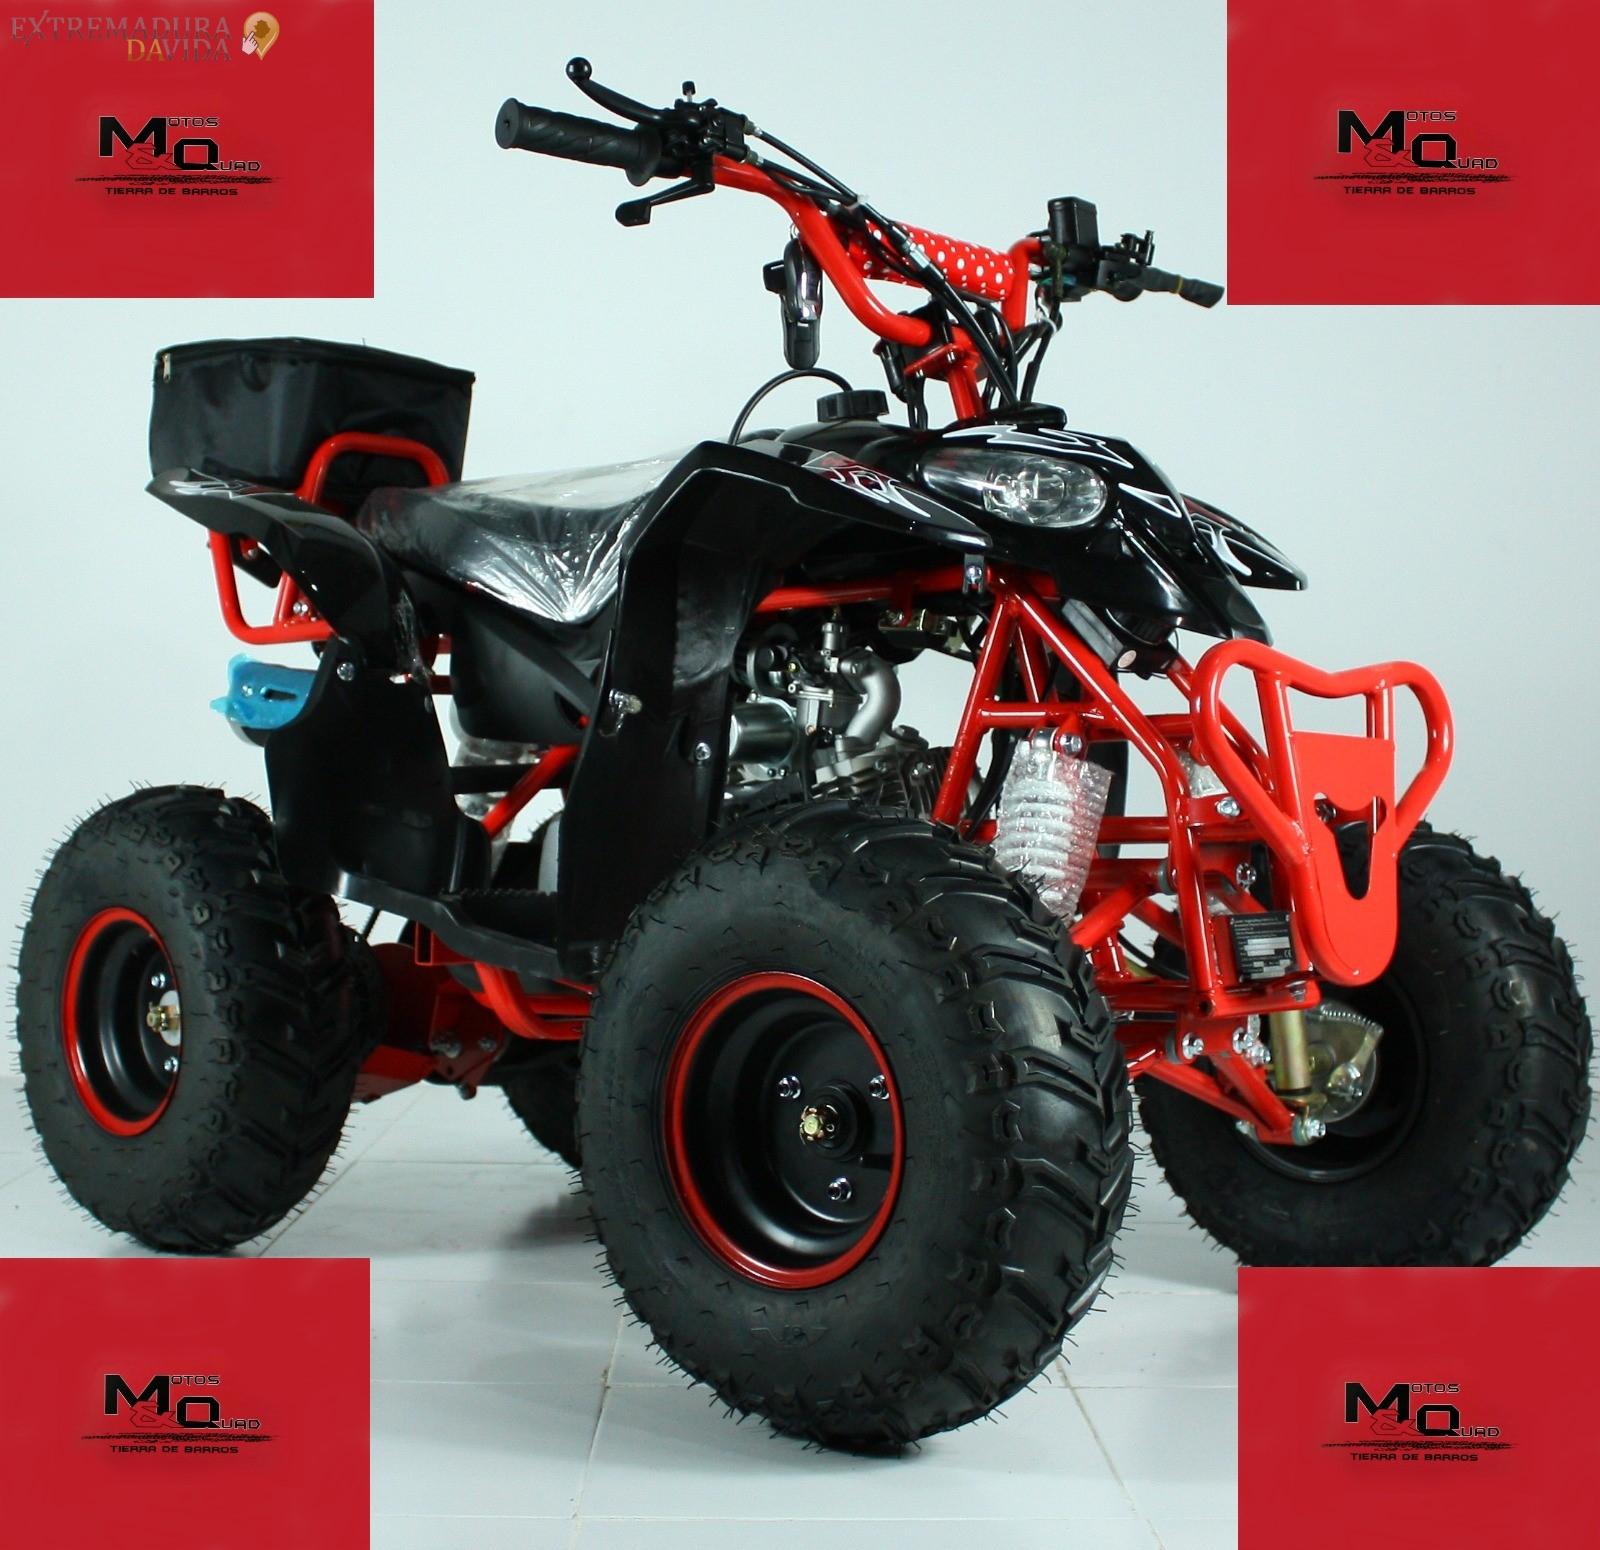 Venta de motos y quat en Almendralejo MQ